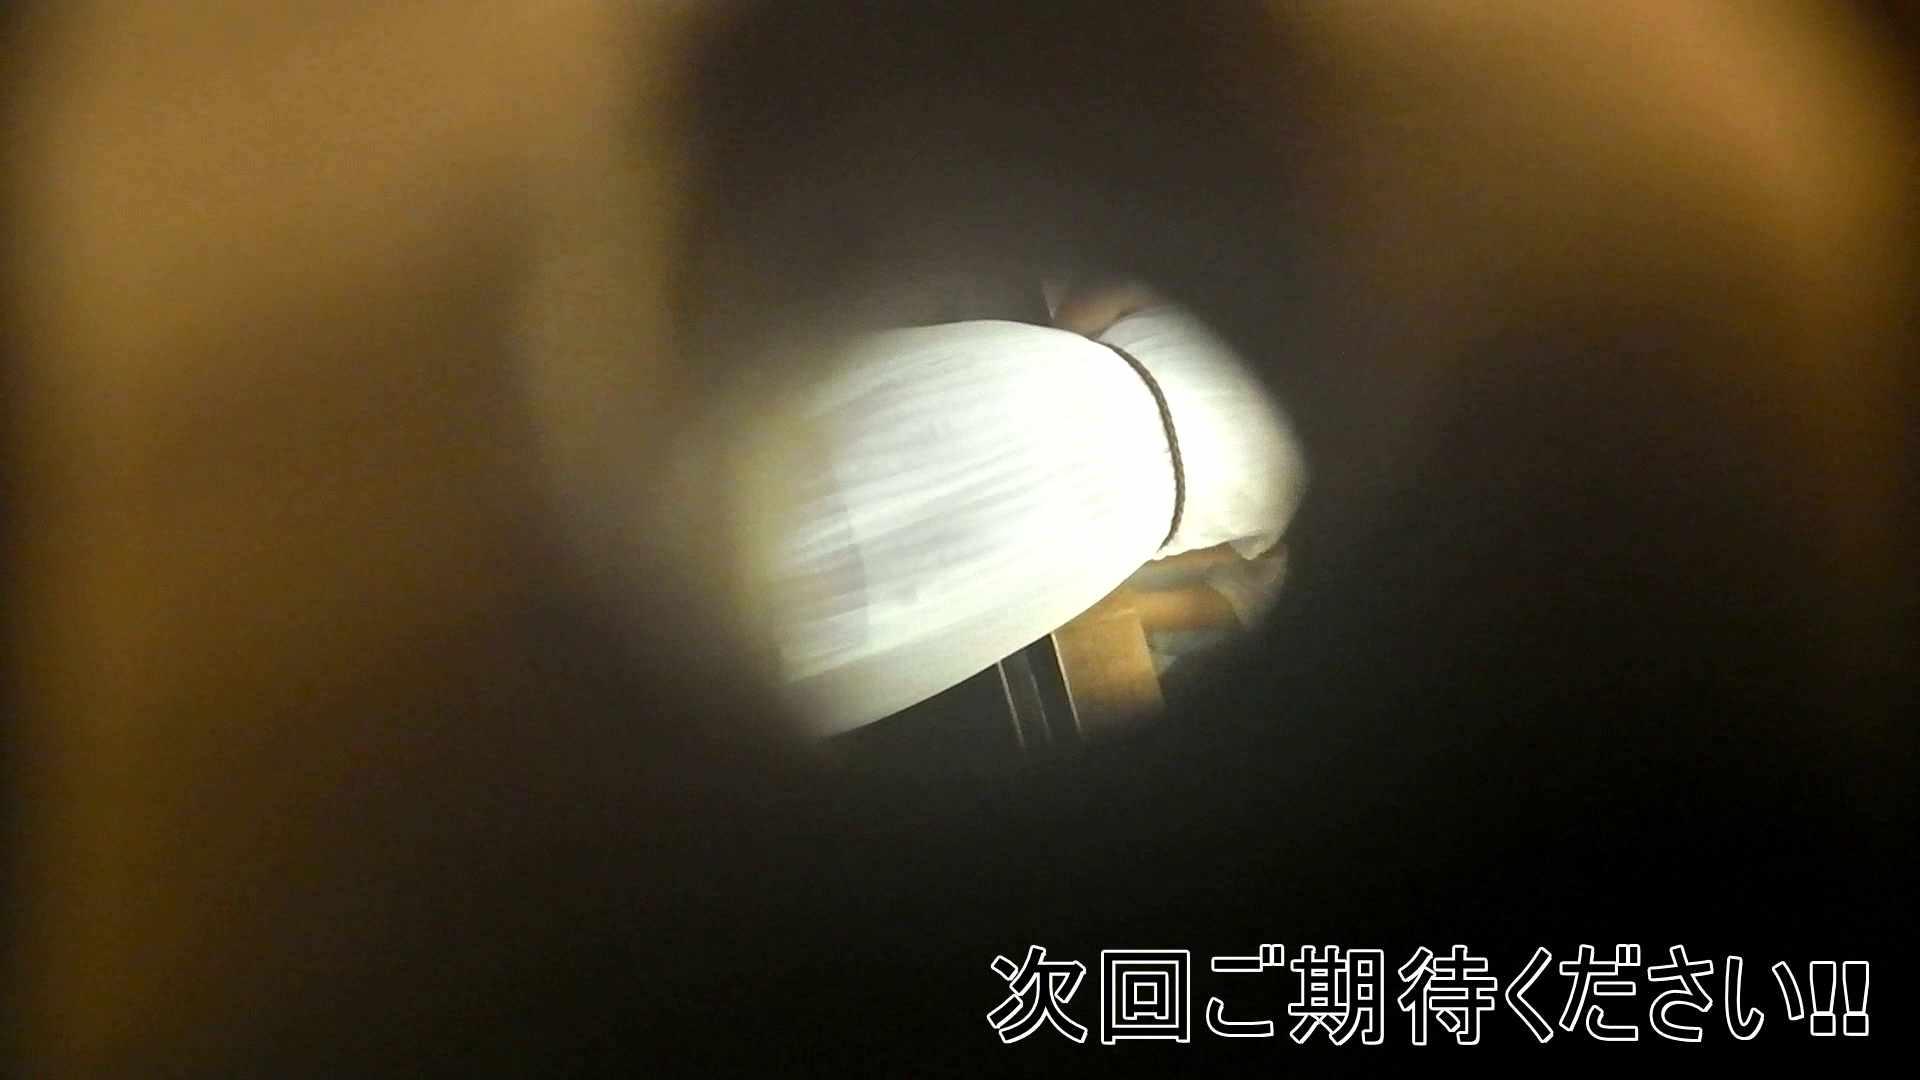 阿国ちゃんの「和式洋式七変化」No.6 洗面所 濡れ場動画紹介 61連発 18